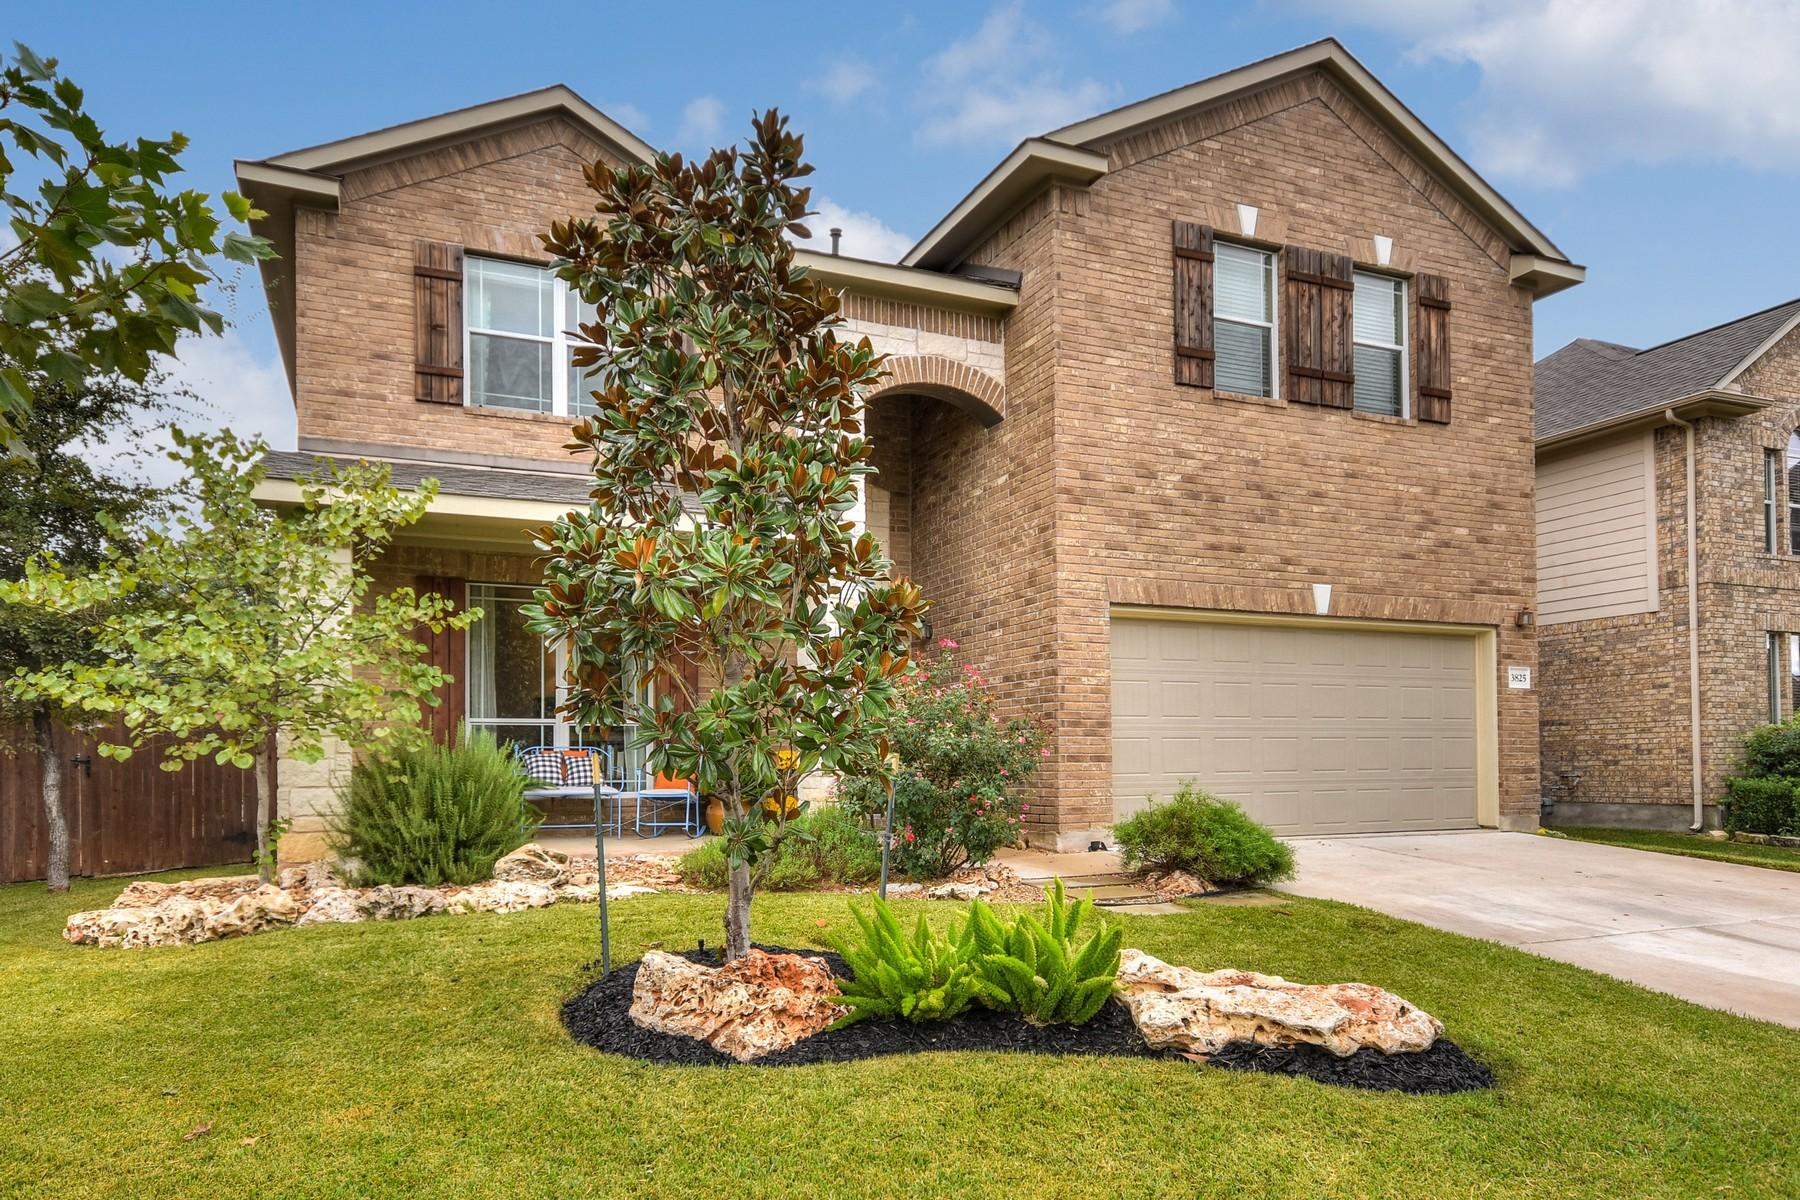 Casa Unifamiliar por un Venta en Beautiful Home on Private Mayfield Ranch Lot 3825 Derby Trl Round Rock, Texas 78681 Estados Unidos